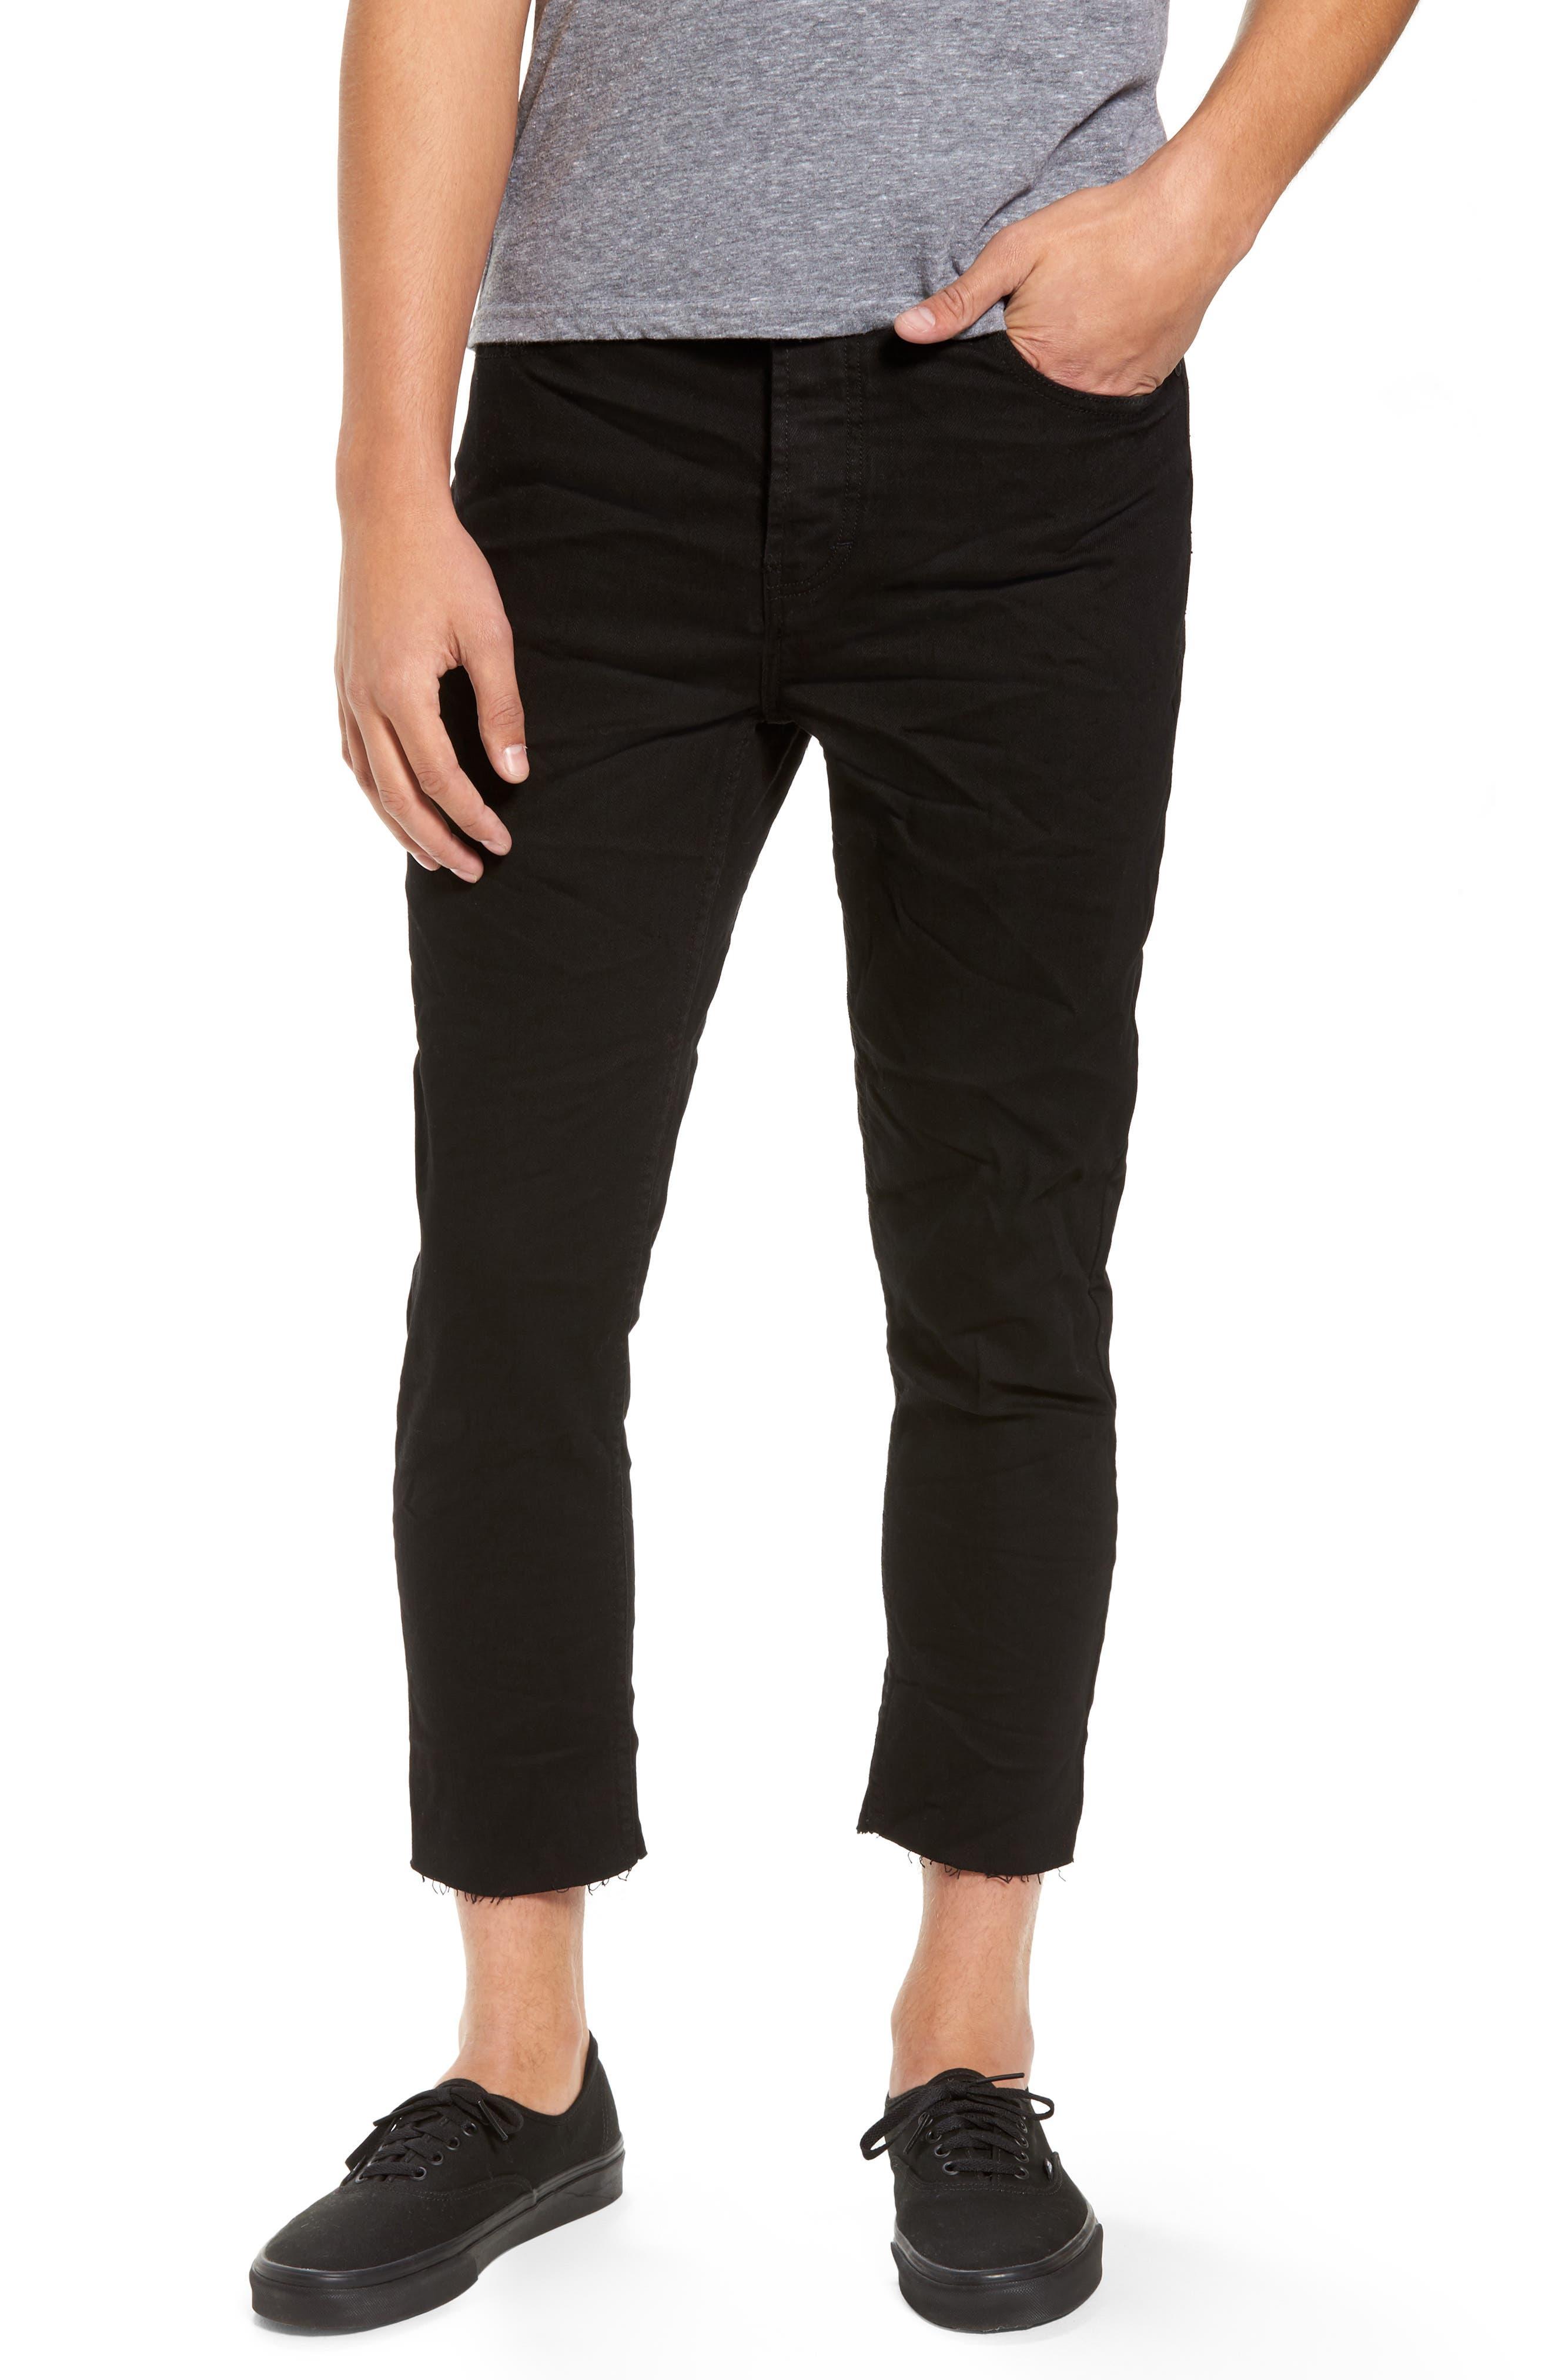 B.Line Crop Slim Fit Jeans,                         Main,                         color, Washed Black